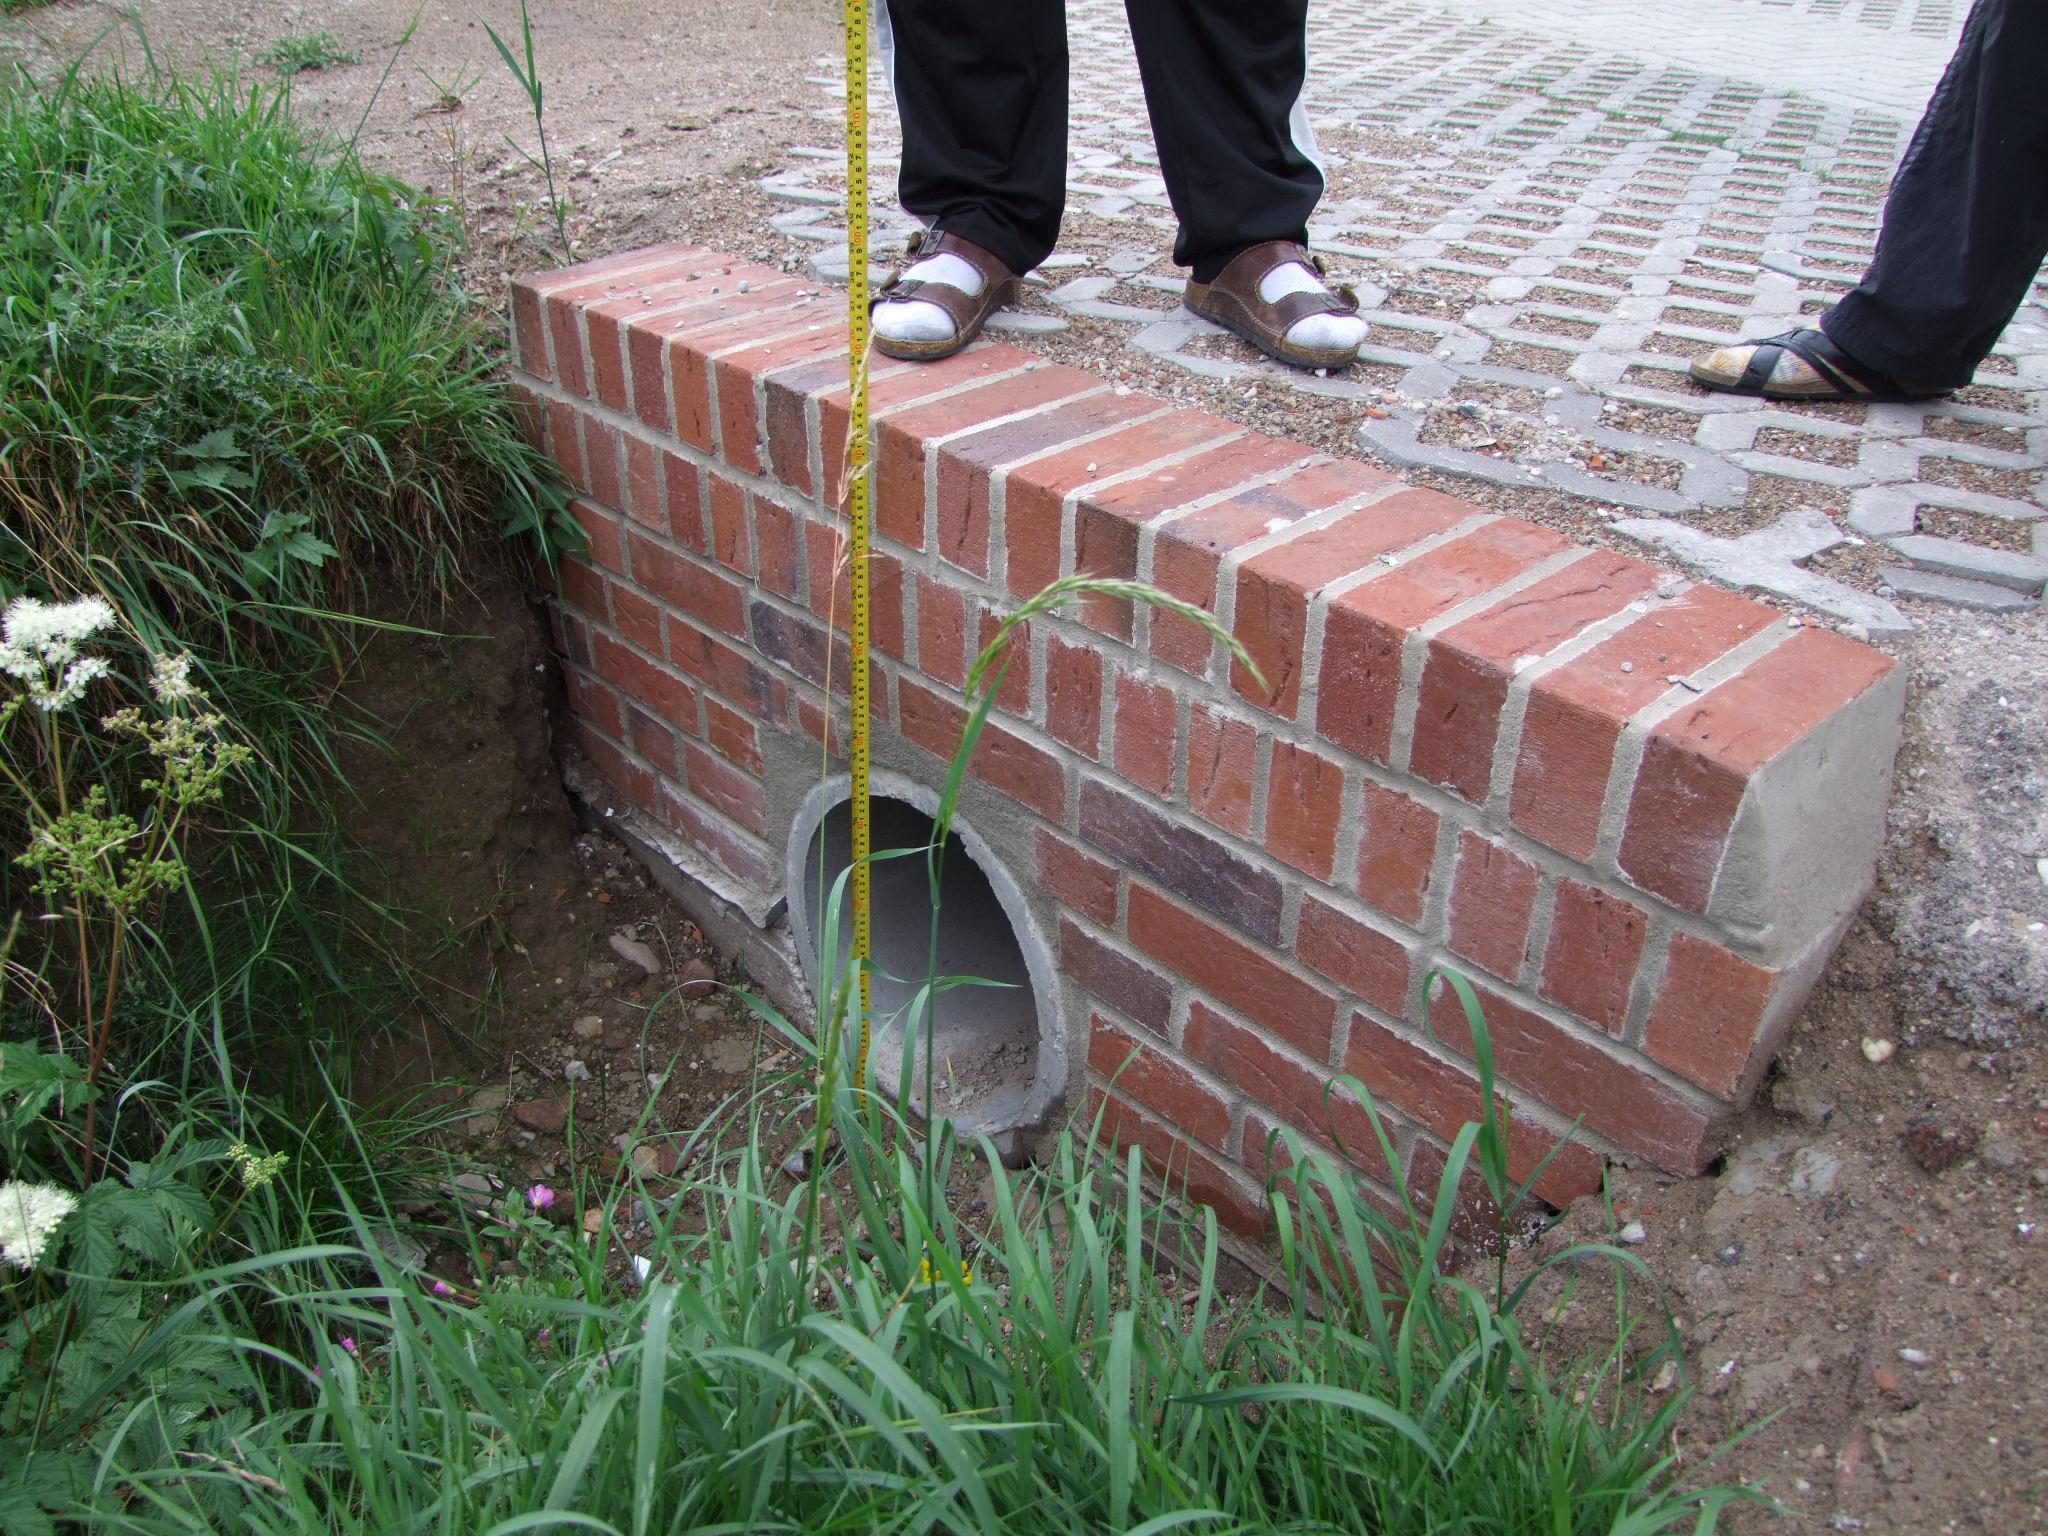 Bewertung und Ermittlung von Entwässerungsfehler - Schmutzleitungen und Regenentwässerung (Kanalbau)